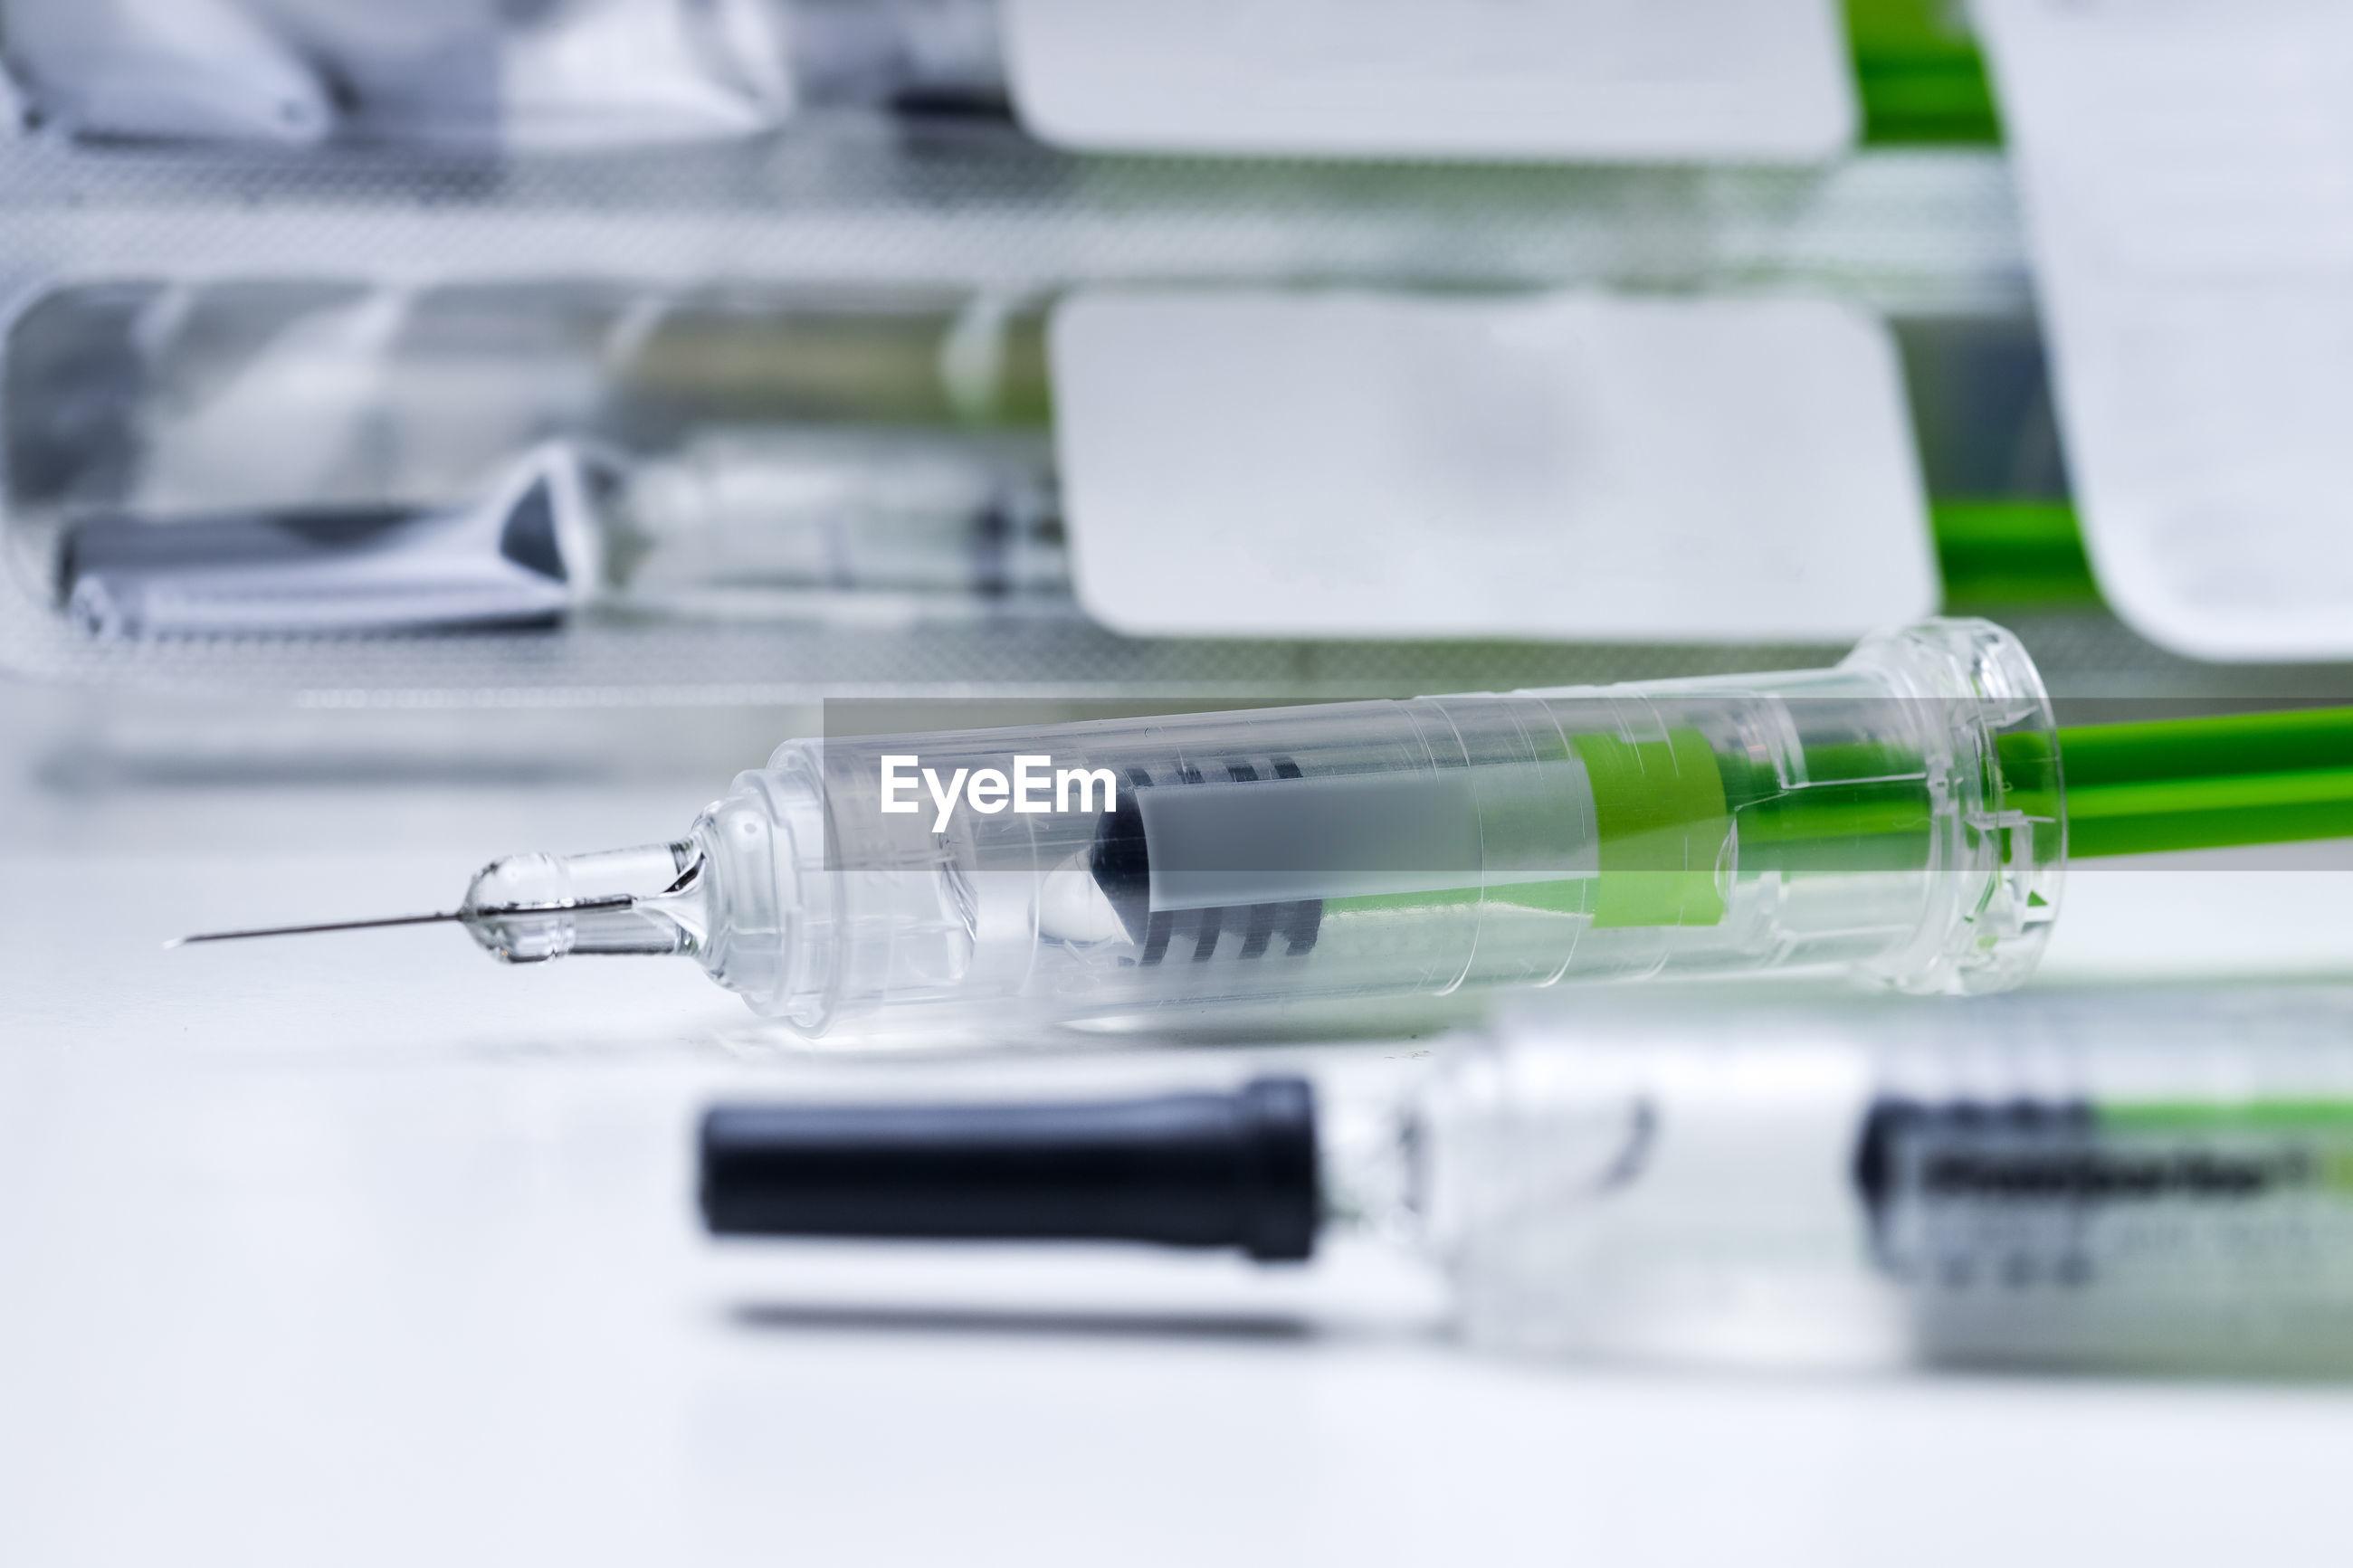 Close-up of syringe at desk